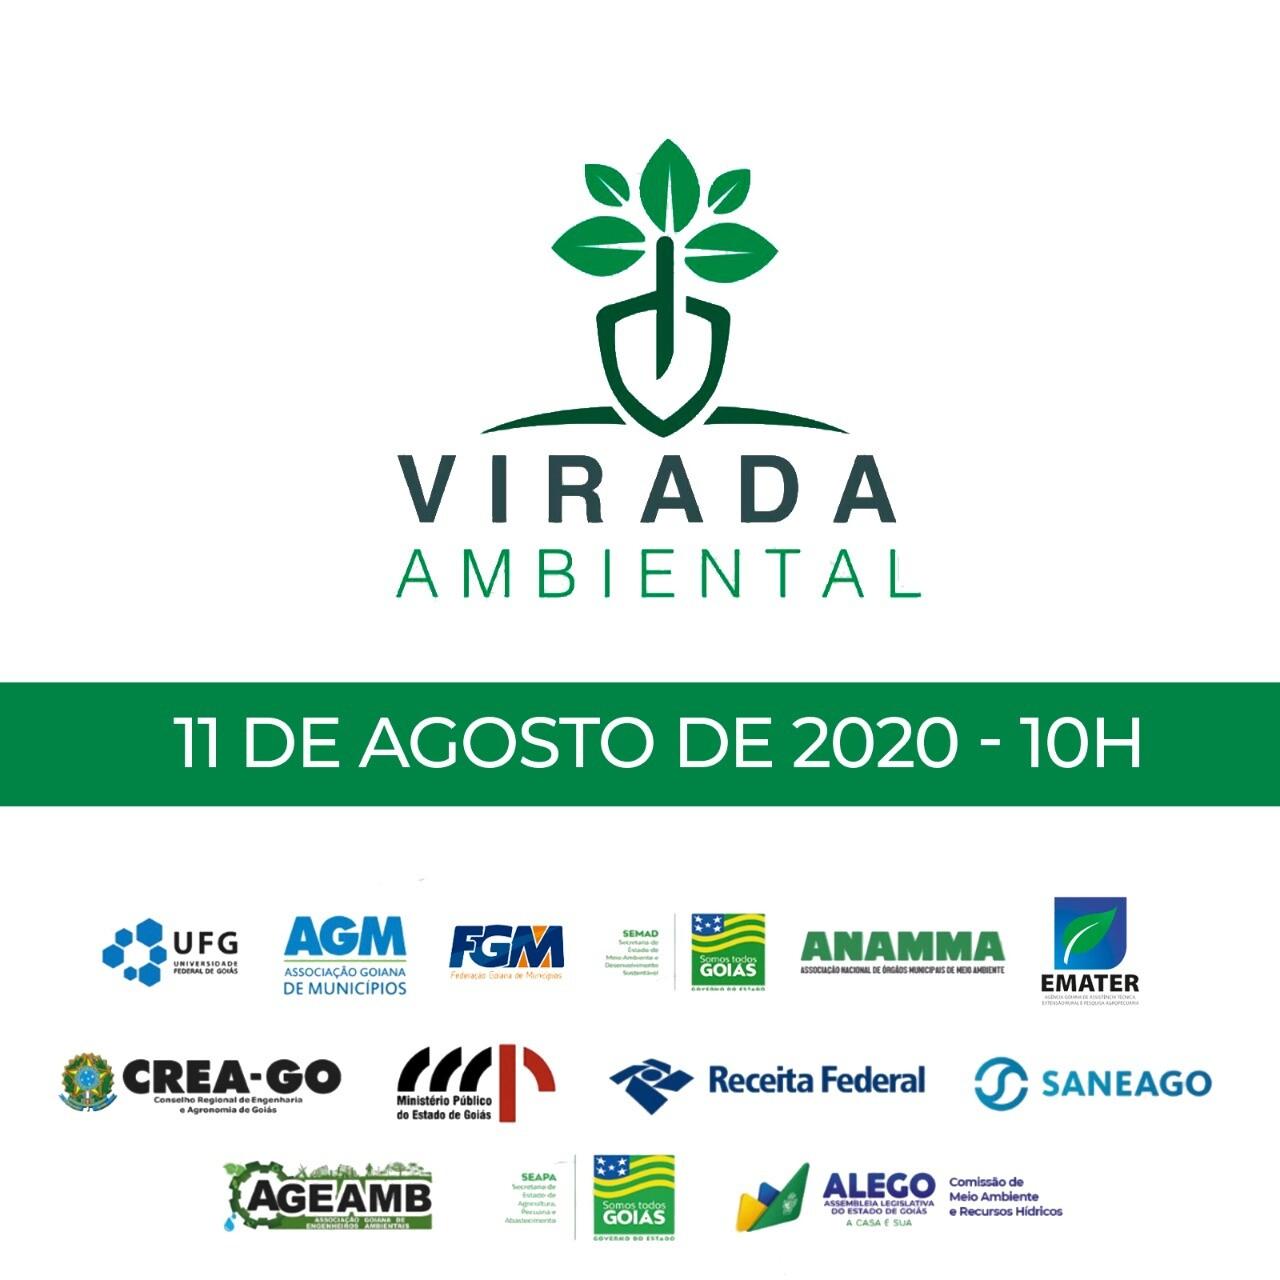 Virada ambiental 2020.jpg